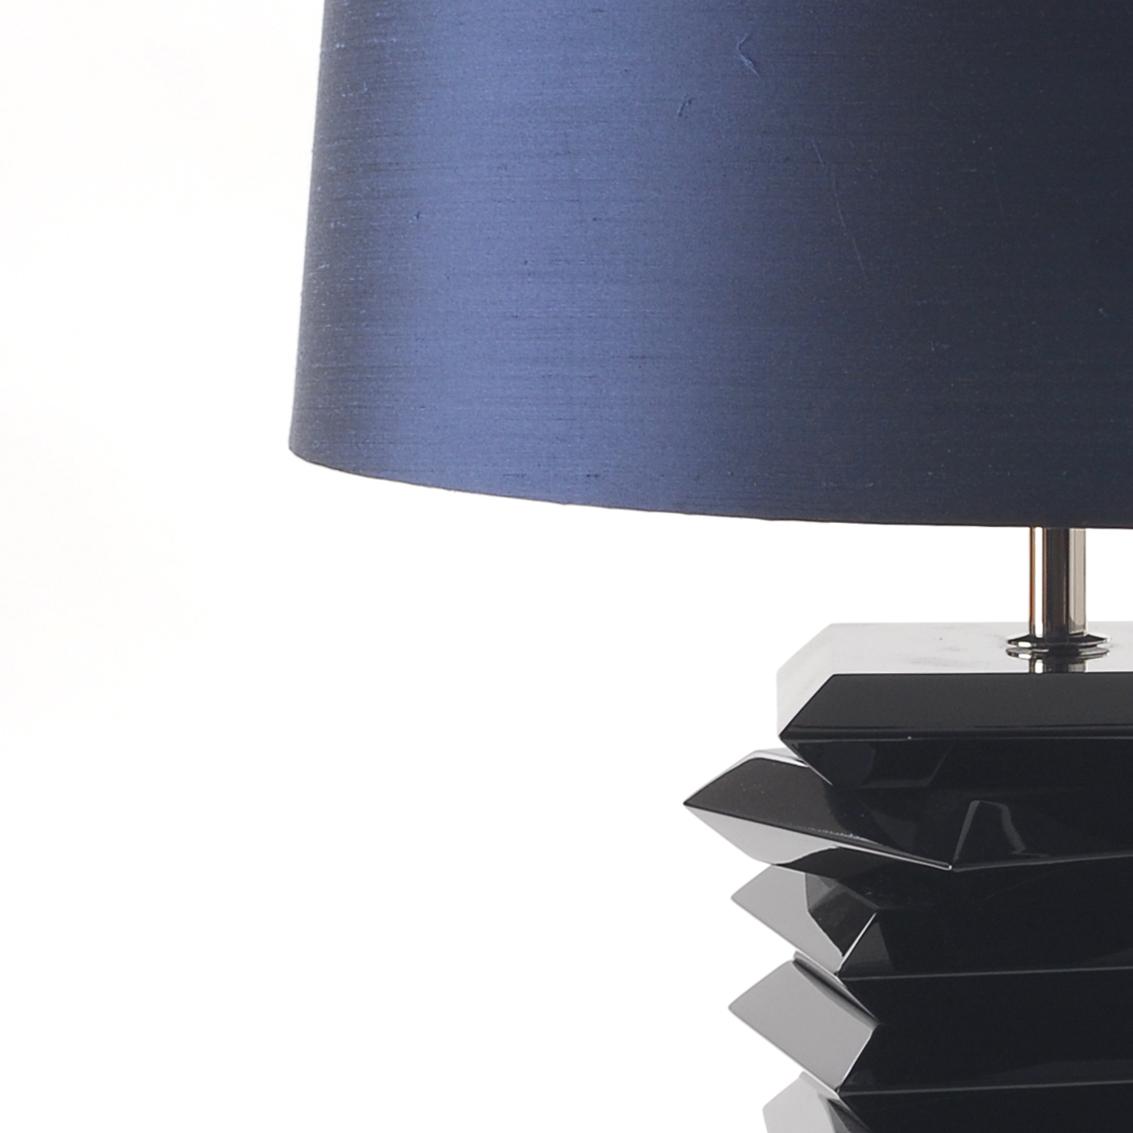 bedroom lighting ideas bedroom lighting ideas Bedroom Lighting Ideas : 10 Stunning Lamps for Your Home tribeca 02